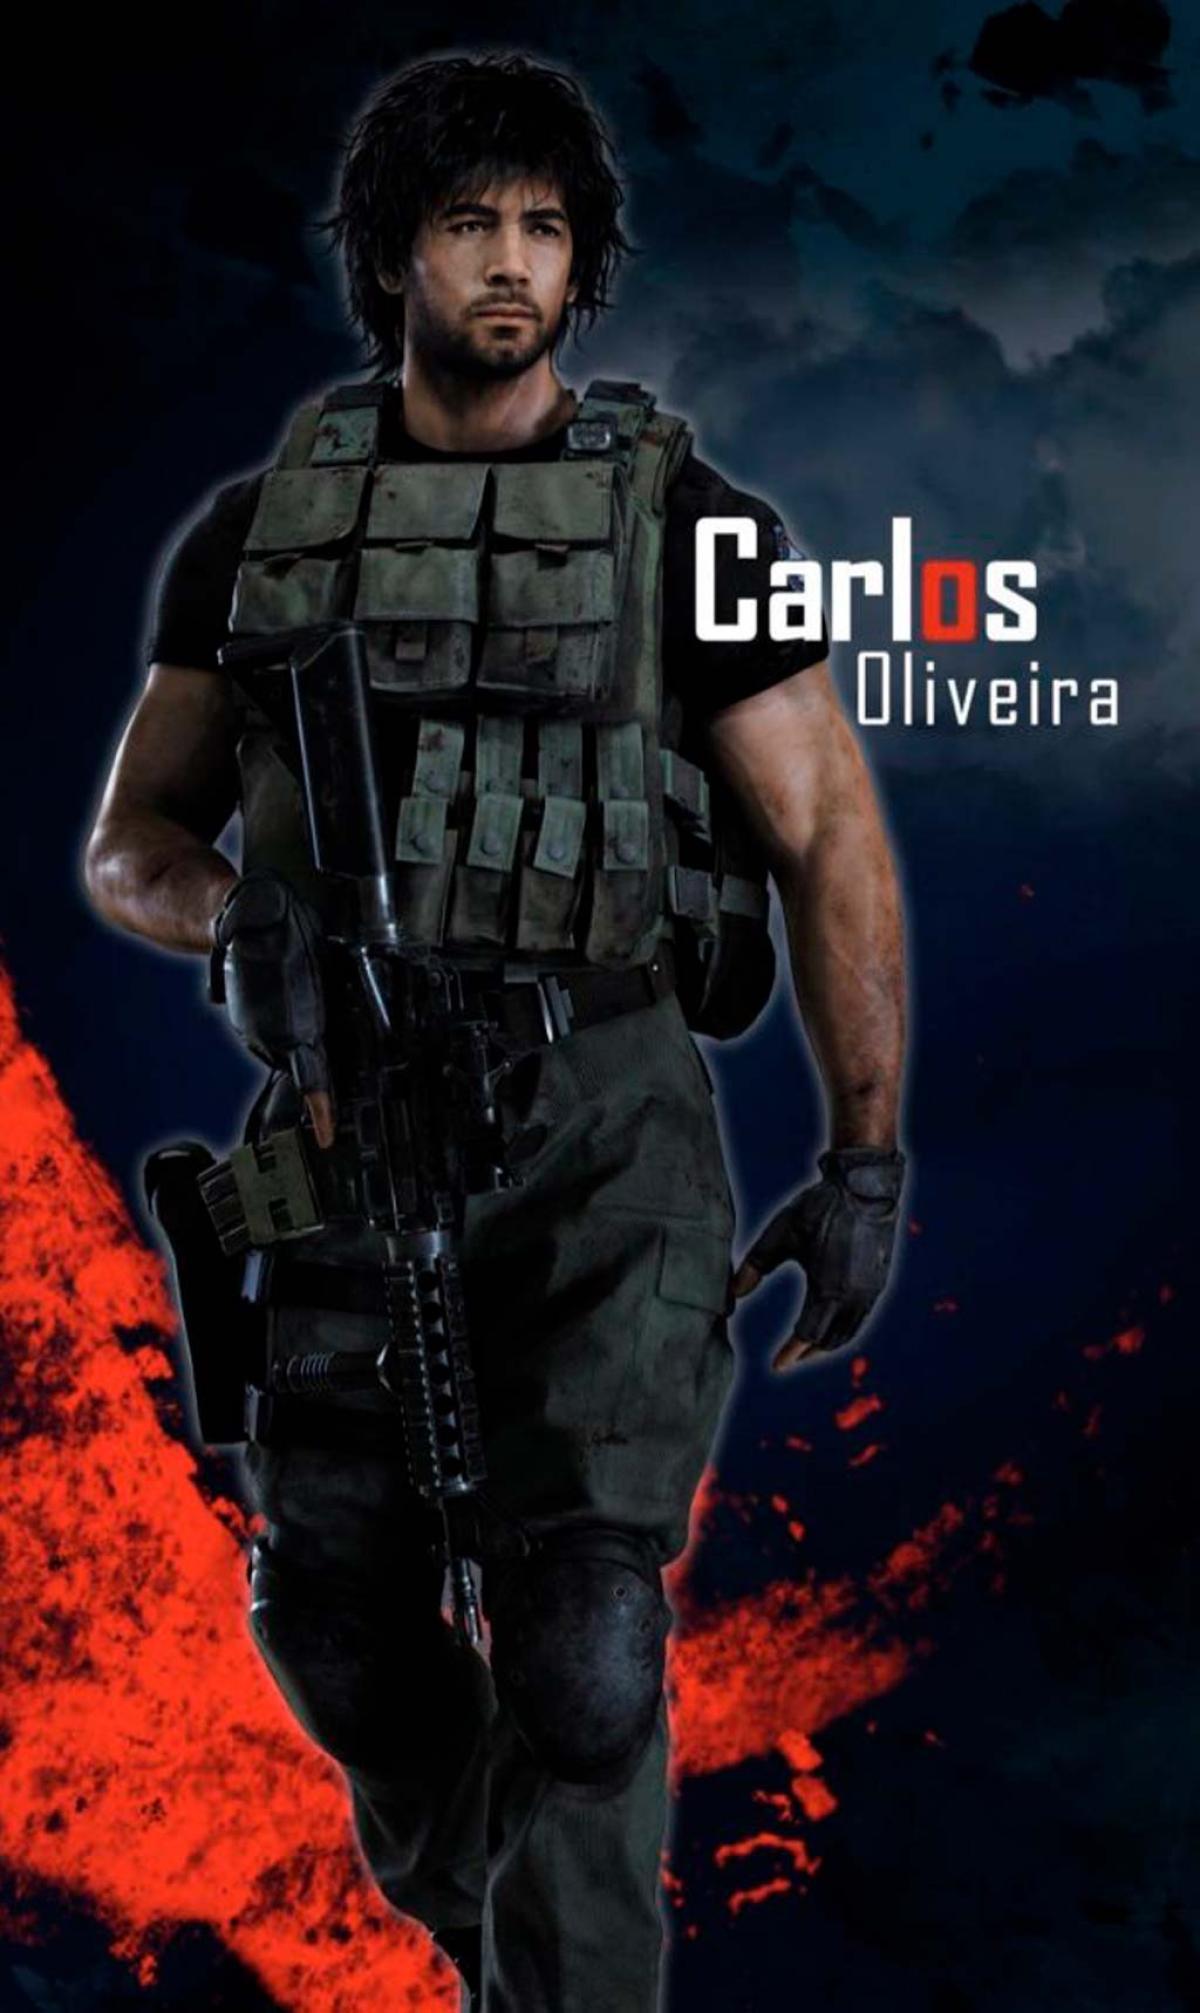 Capcom Muestra El Nuevo Diseno De Carlos Oliveira En Resident Evil 3 Remake Hobbyconsolas Juegos Carlos oliveira was born in 1976 in portimão, portugal. resident evil 3 remake